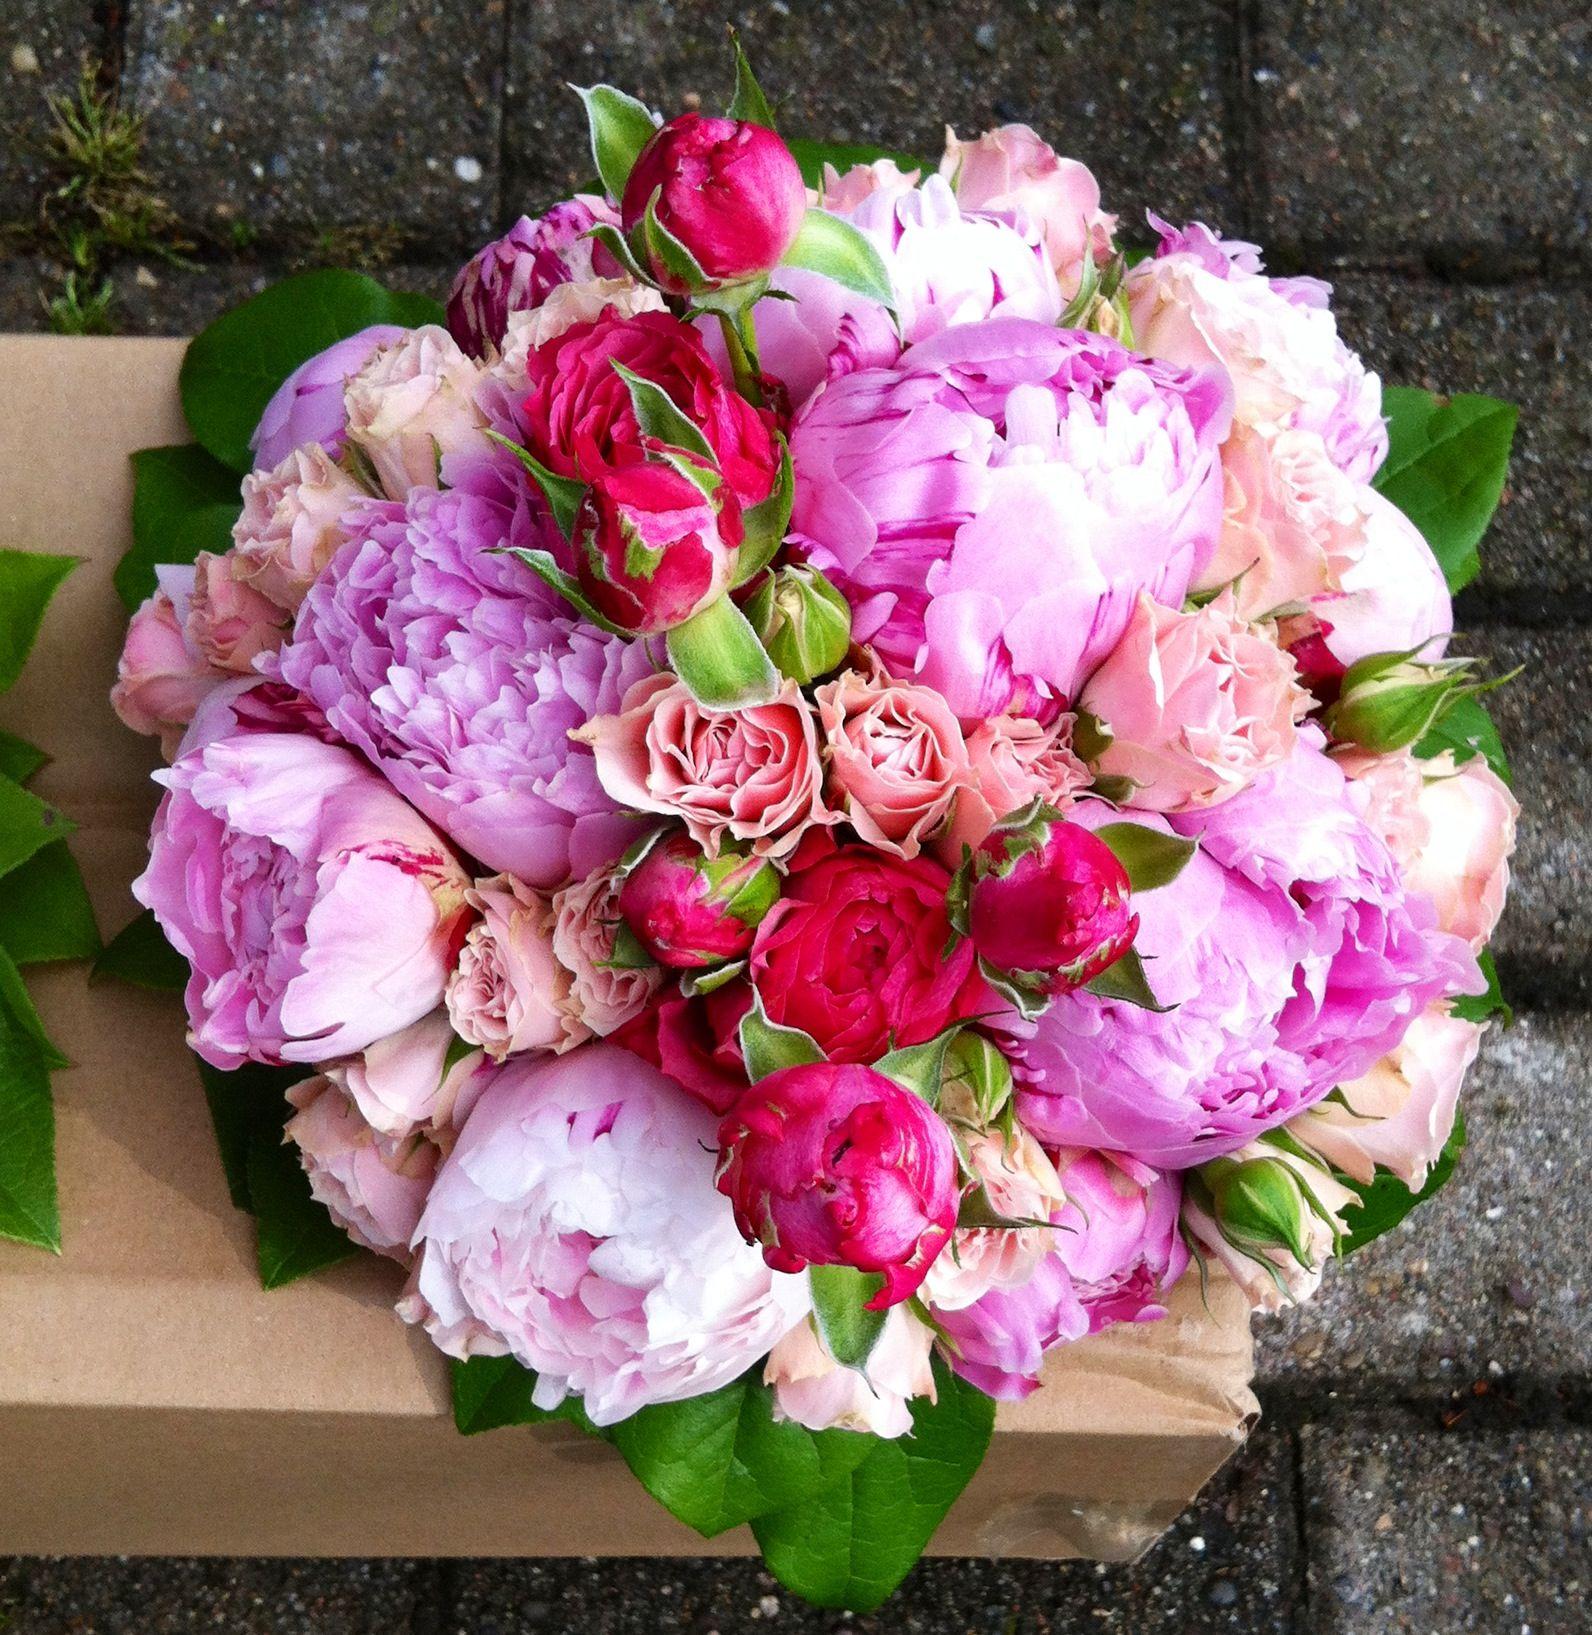 Regenbogen Rosen Bestellen 3 regenbogen rosen und